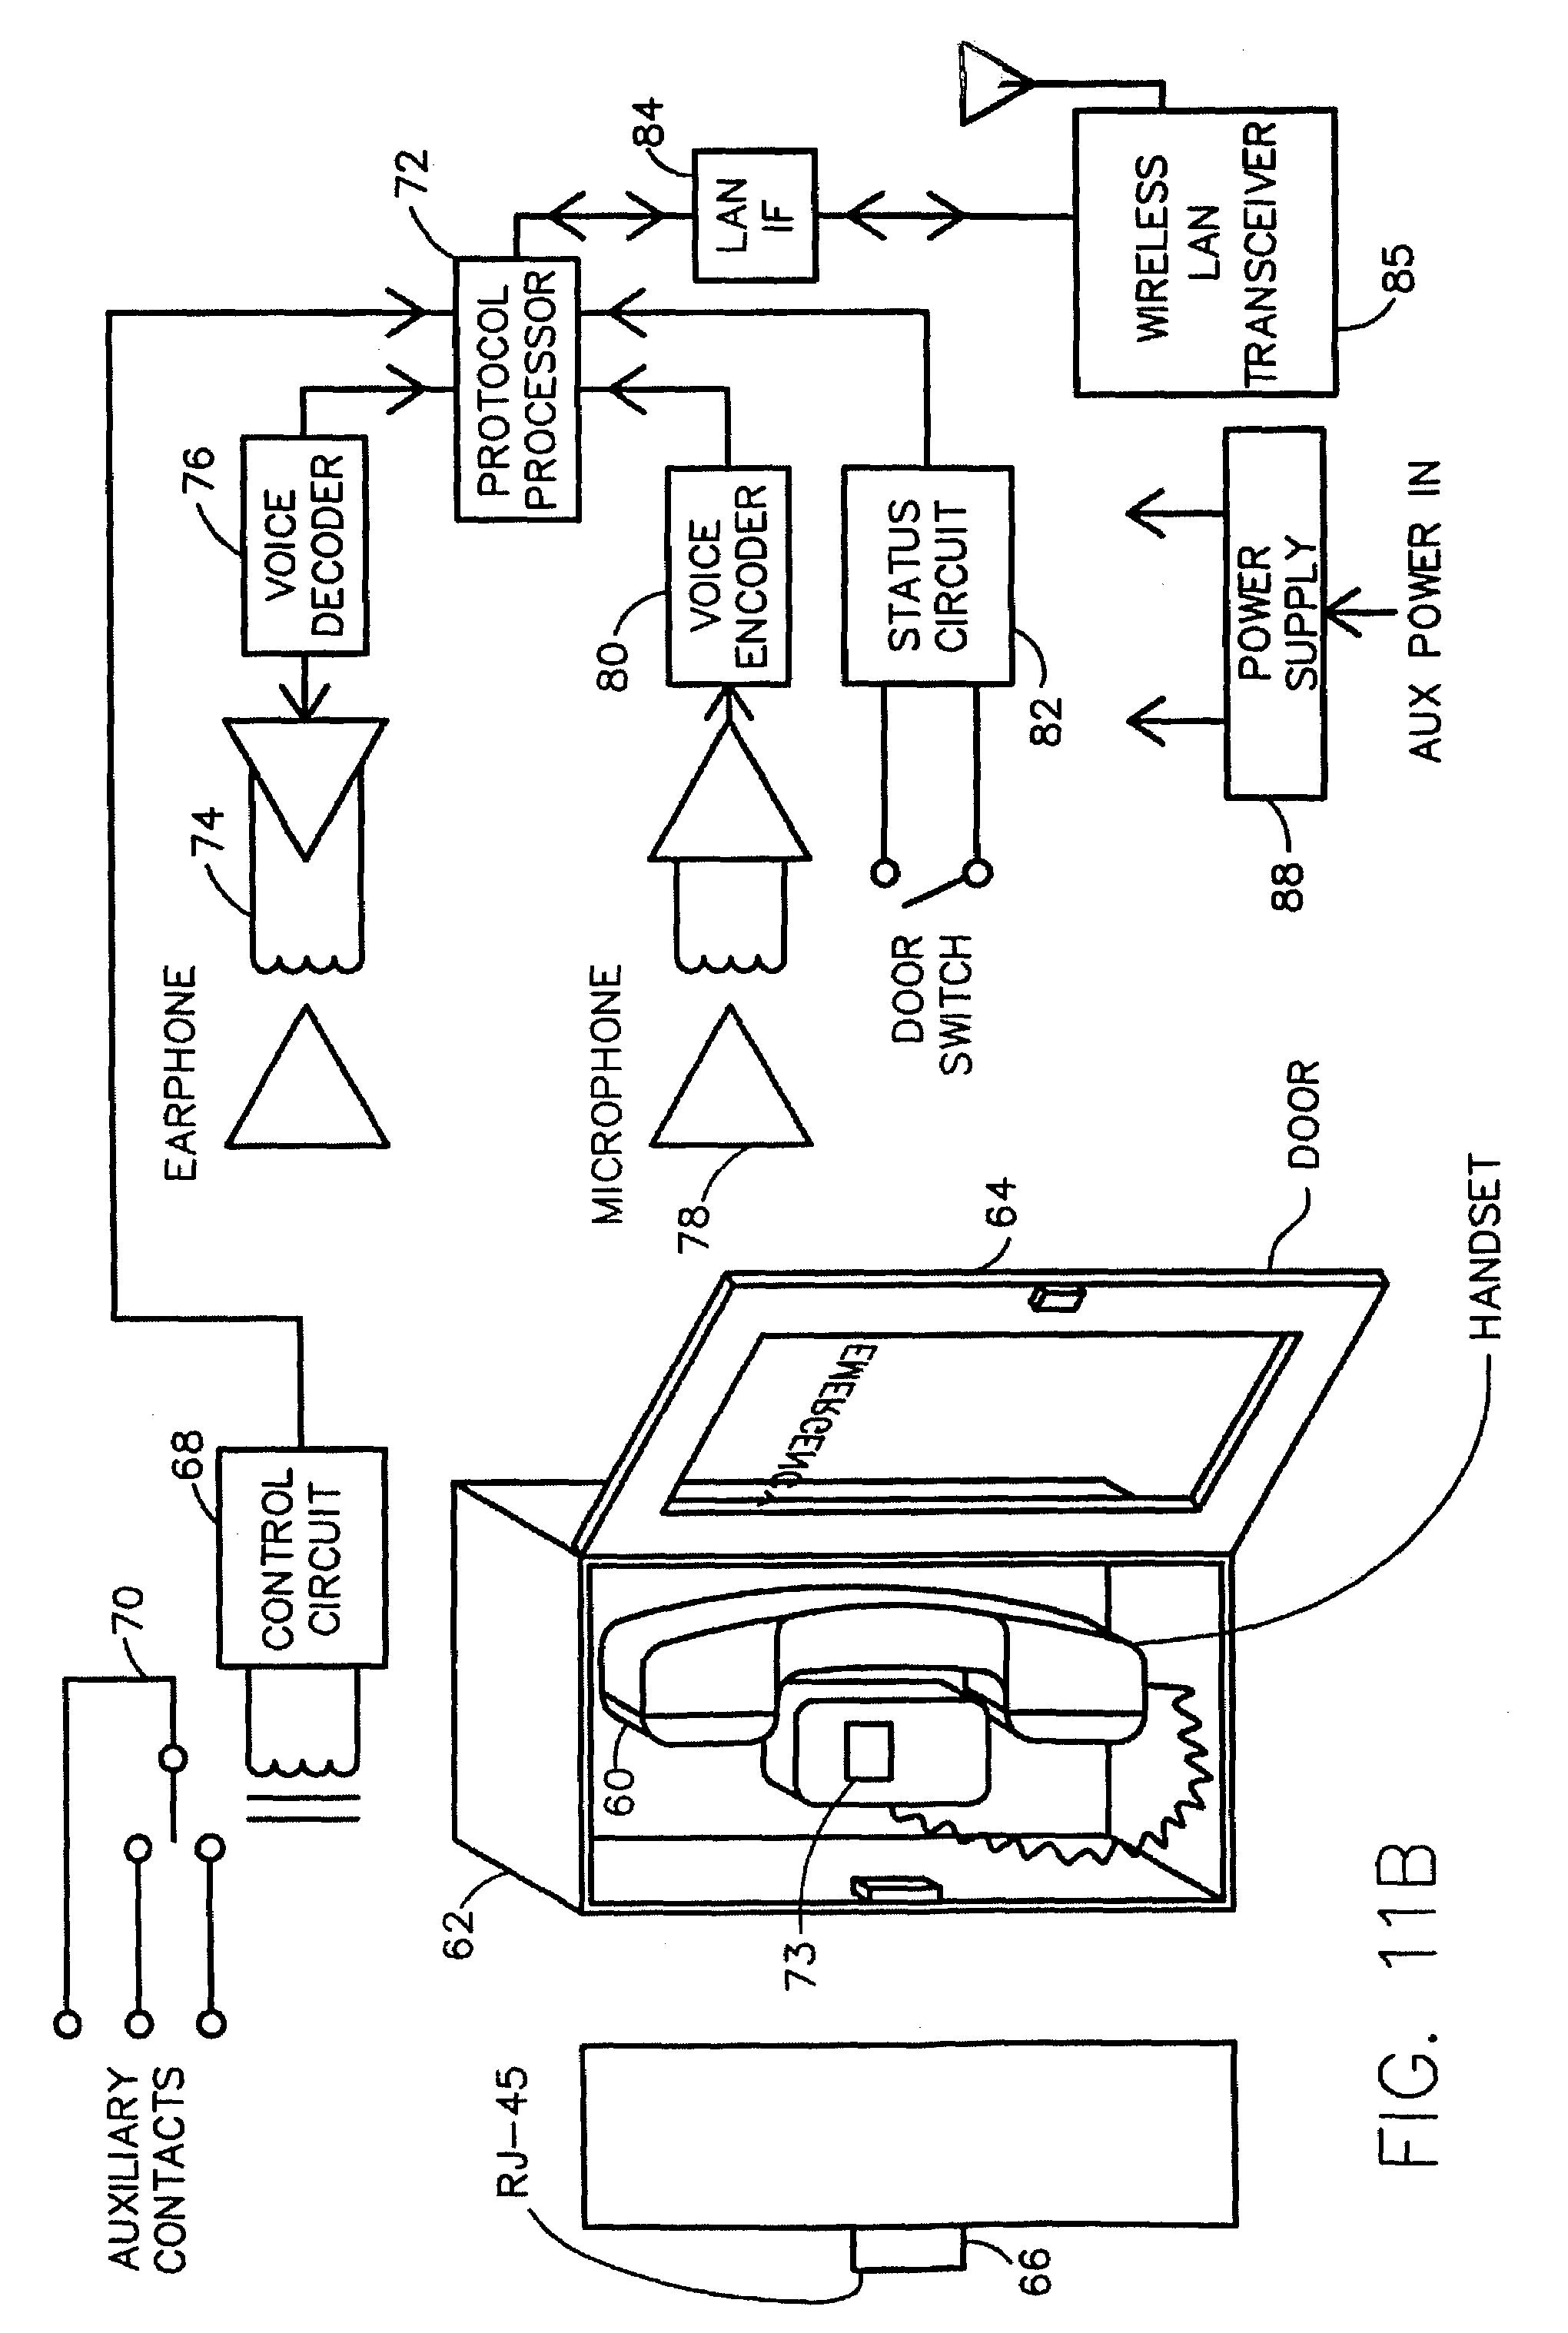 Patent Us 7428002 B2 Door Knob Touch Alarm Circuit Controlcircuit Diagram